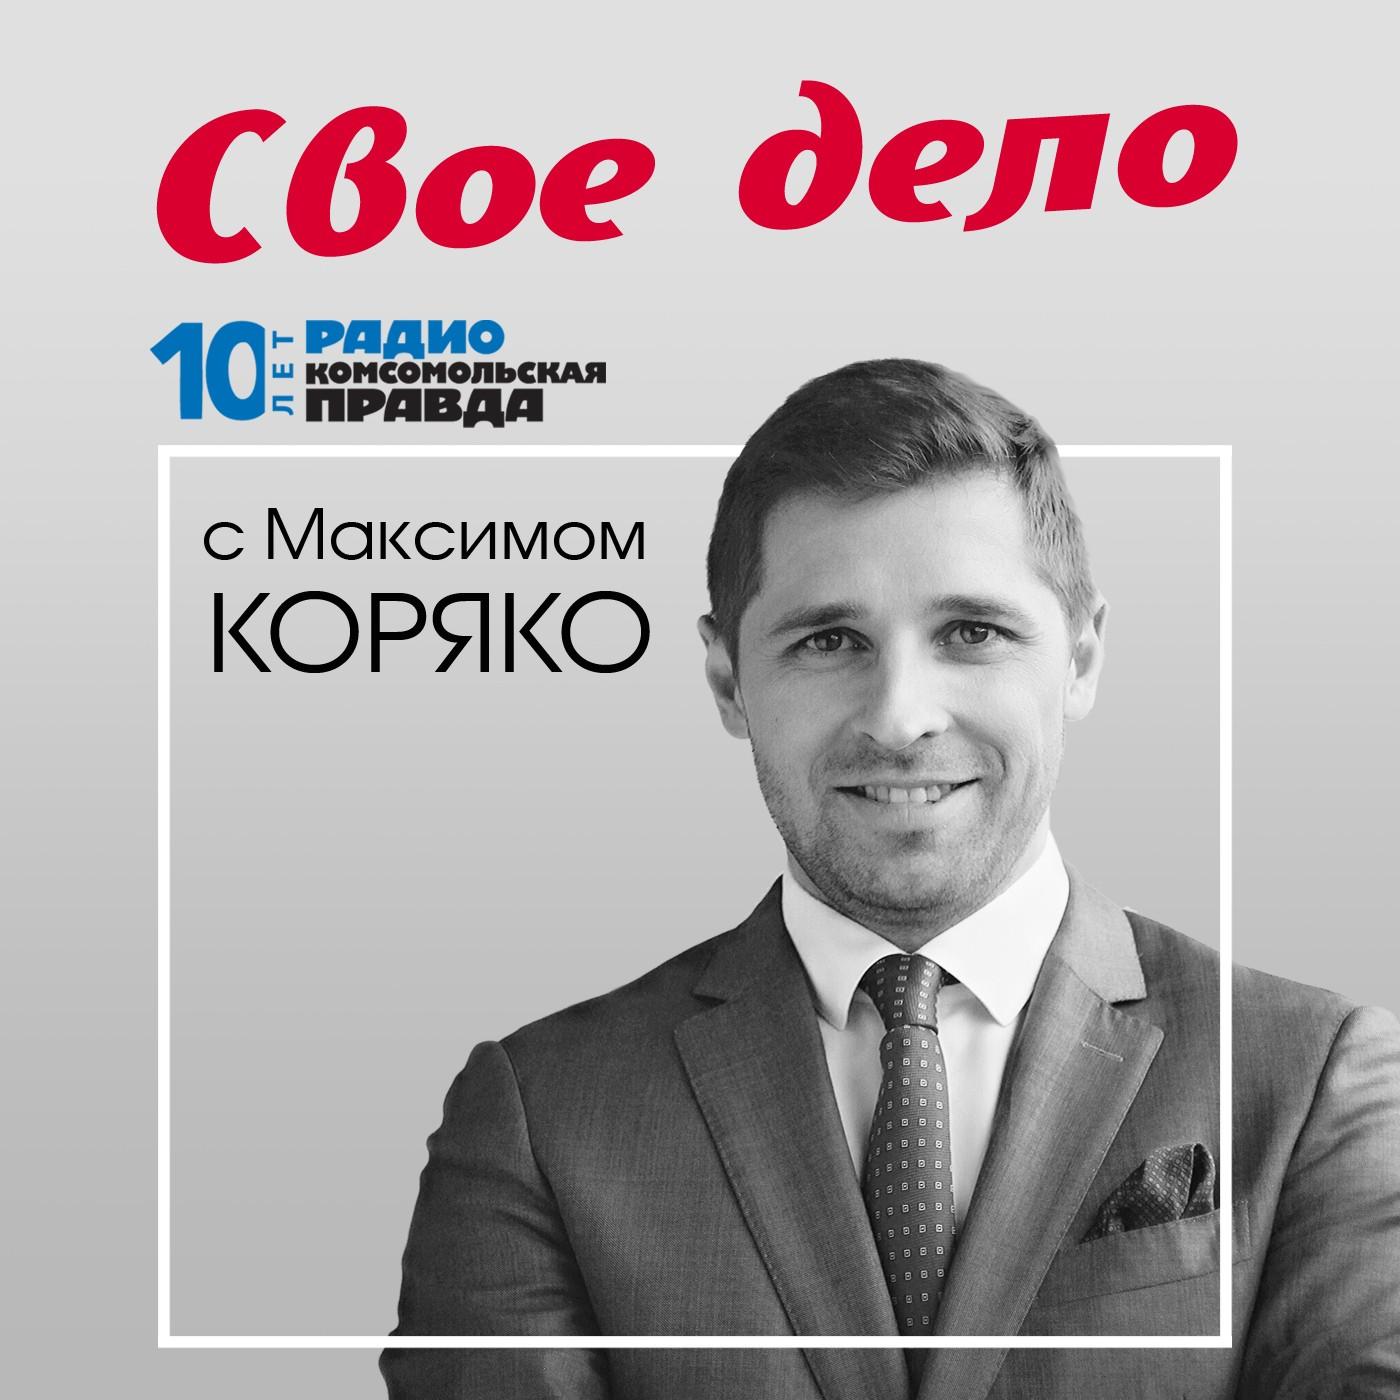 Радио «Комсомольская правда» Букмекеры предрекают: наши футболисты выиграют чемпионат мира в 2018 году цена и фото